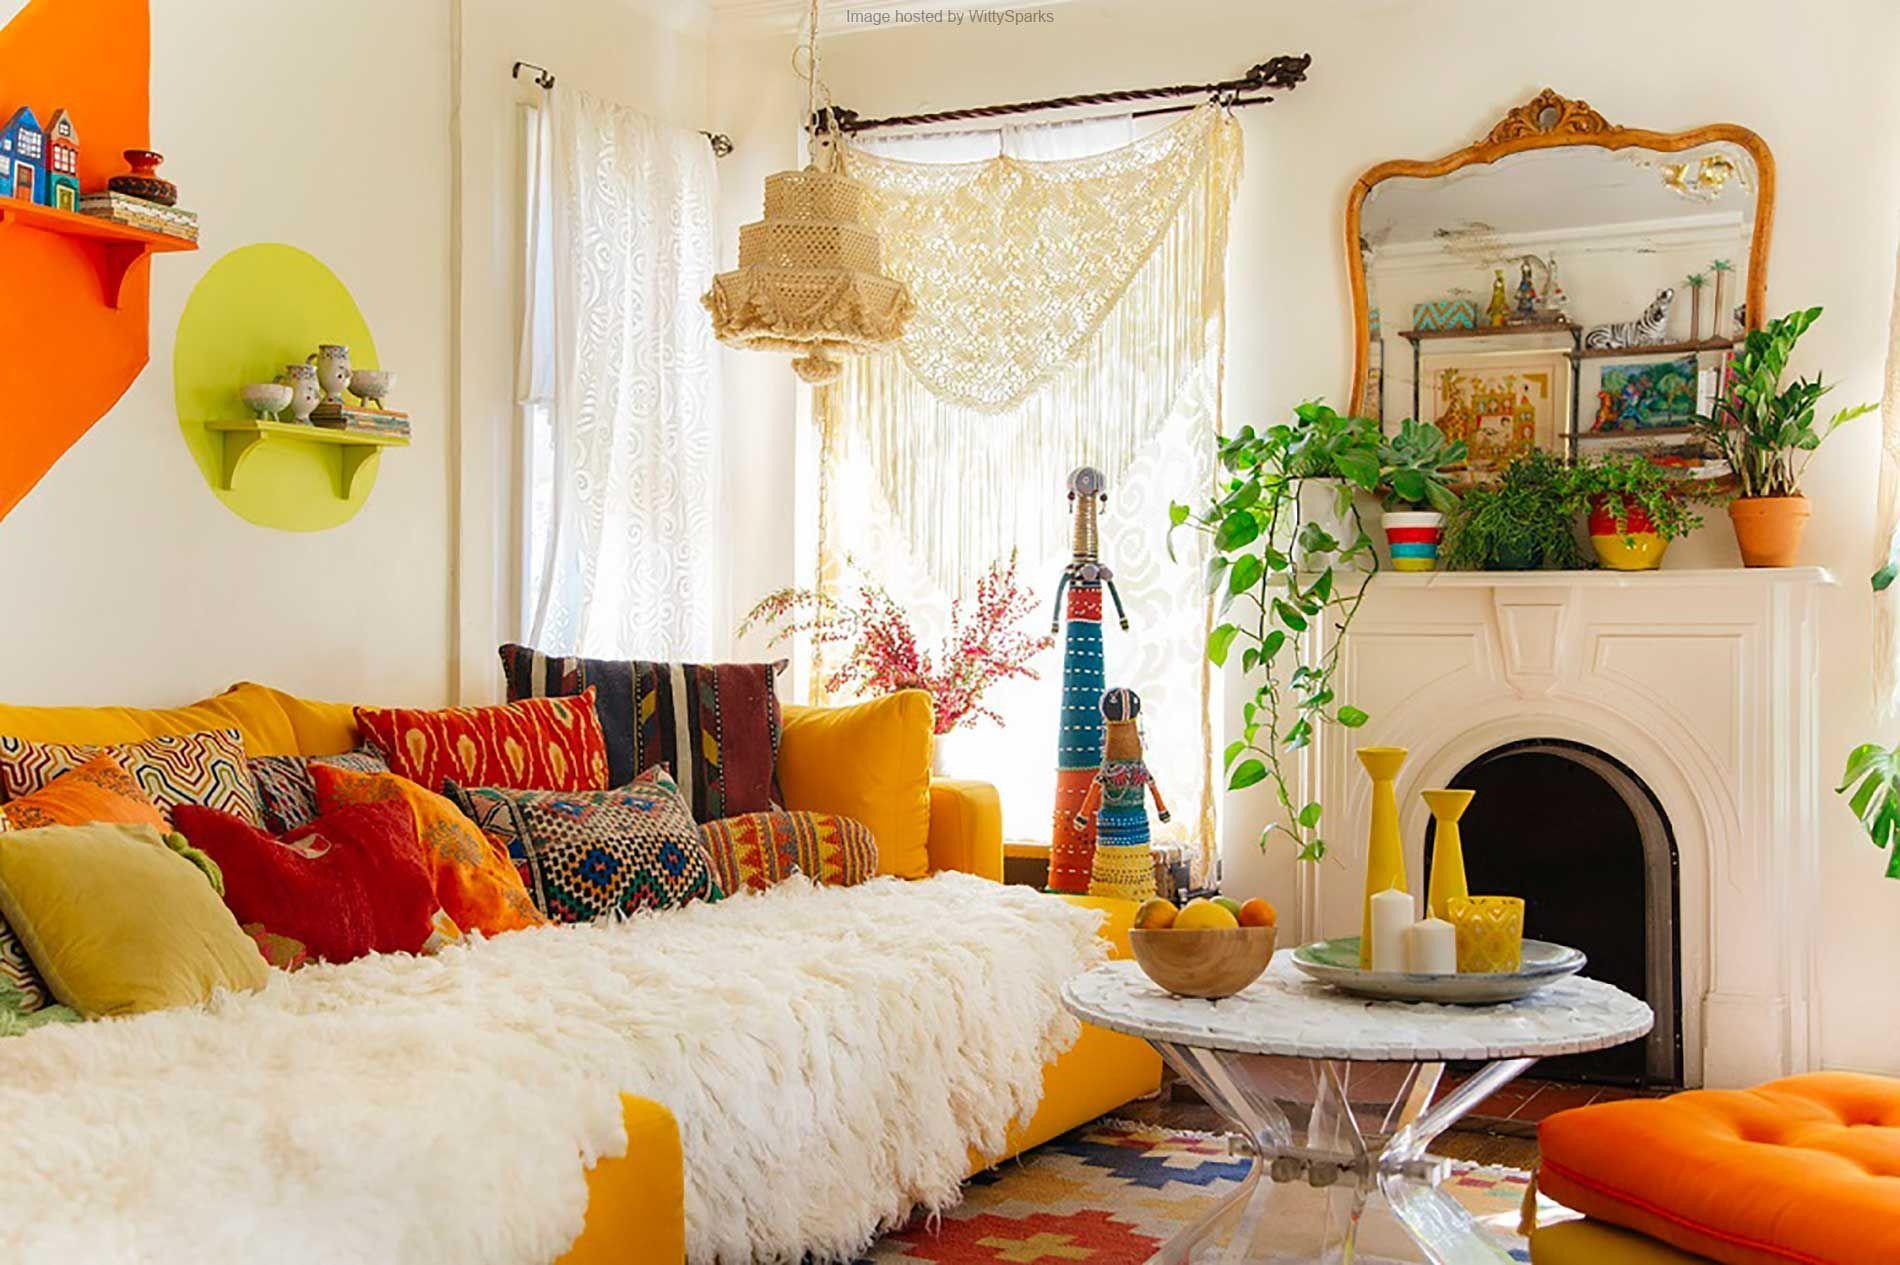 Phong cách thiết kế nội thất Bohemian - Sắc màu của cuộc sống